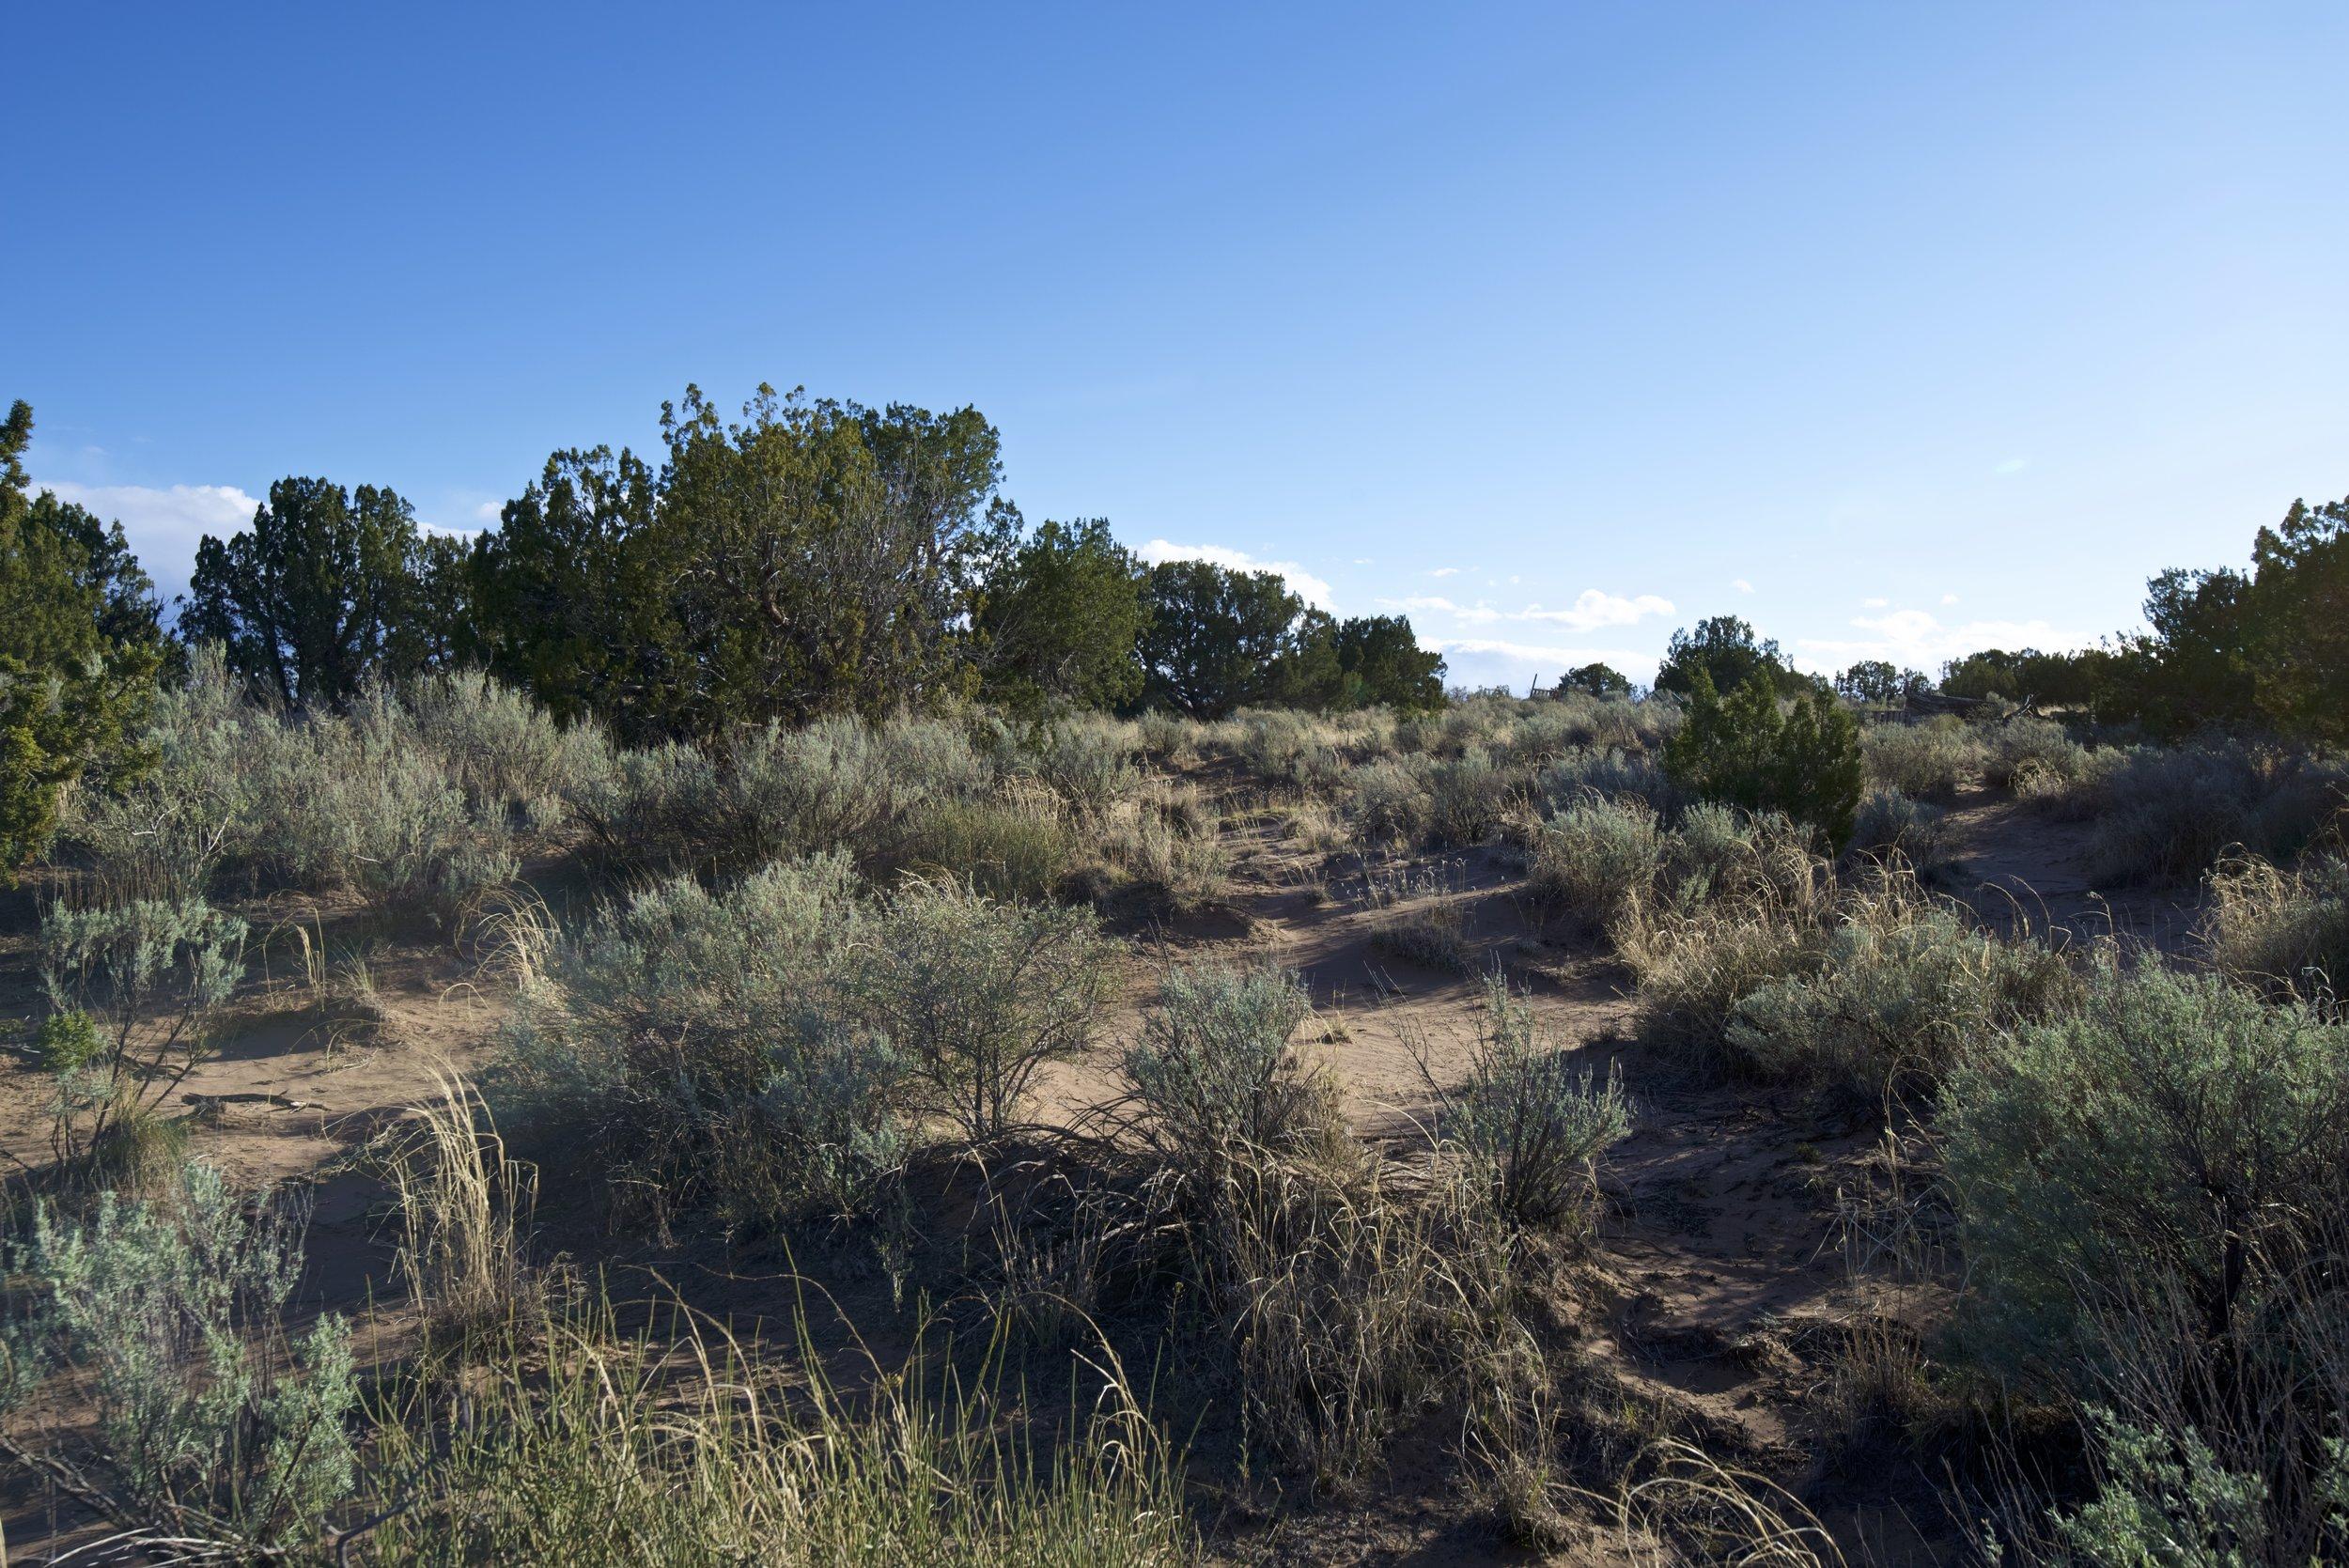 SNNM-2231-rio-rancho-125696.jpg